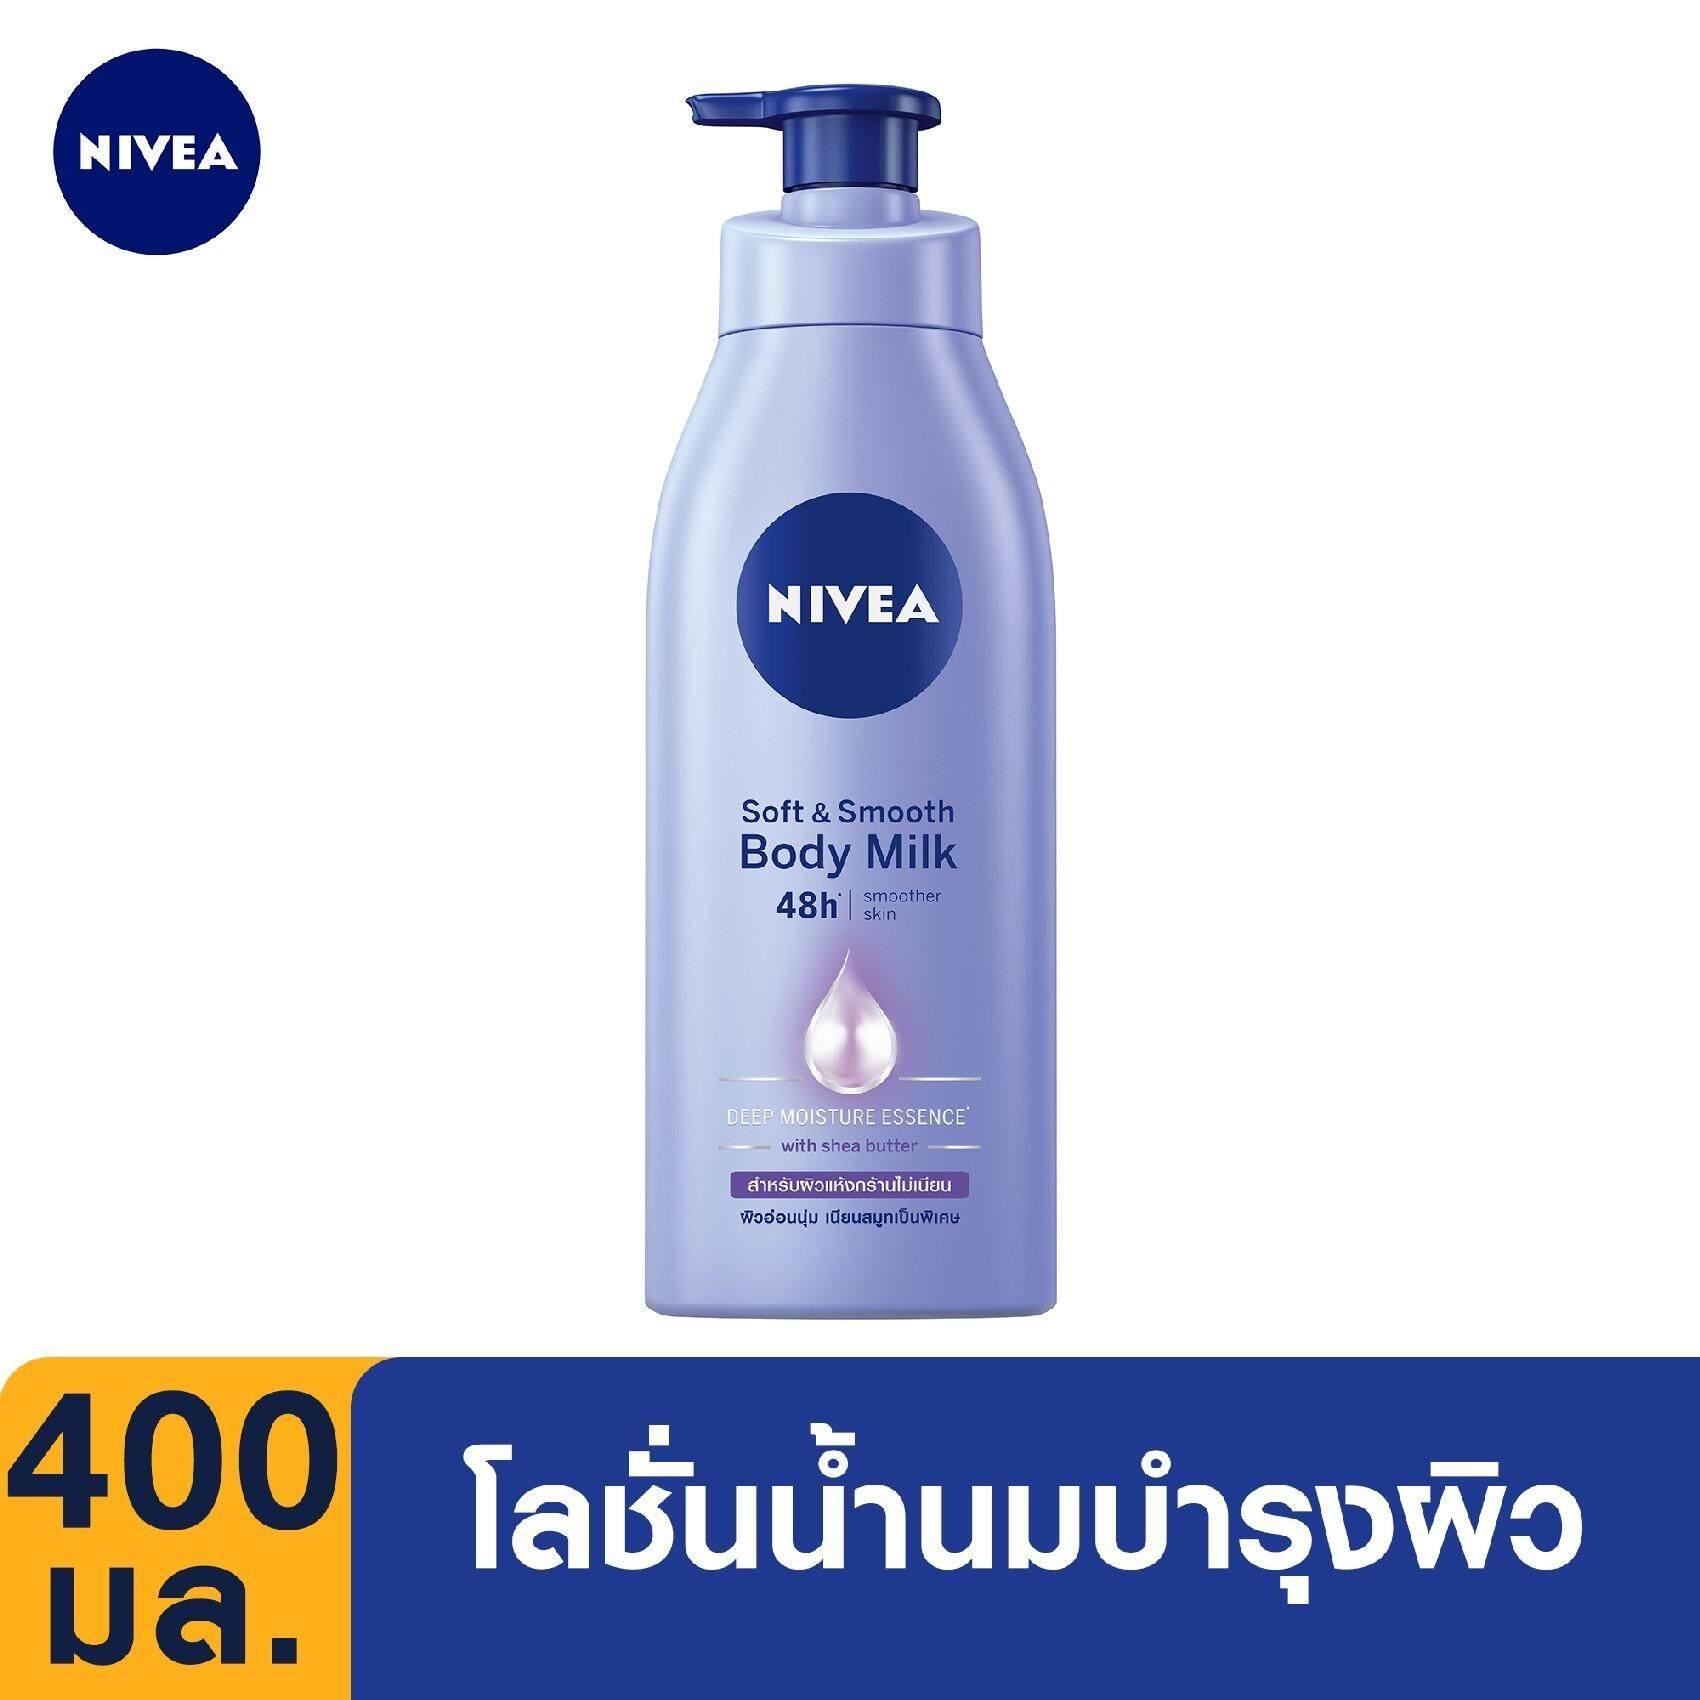 นีเวีย ซอฟท์ แอนด์ สมูท บอดี้ มิลค์ 400 มล. NIVEA Soft and Smooth Body Milk 400 ml. (Lotion, Body Lotion, Whitening Lotion, Body Moisturizer, ครีมทาผิว,ครีมบำรุง,ครีมทาผิวกาย) ของแท้